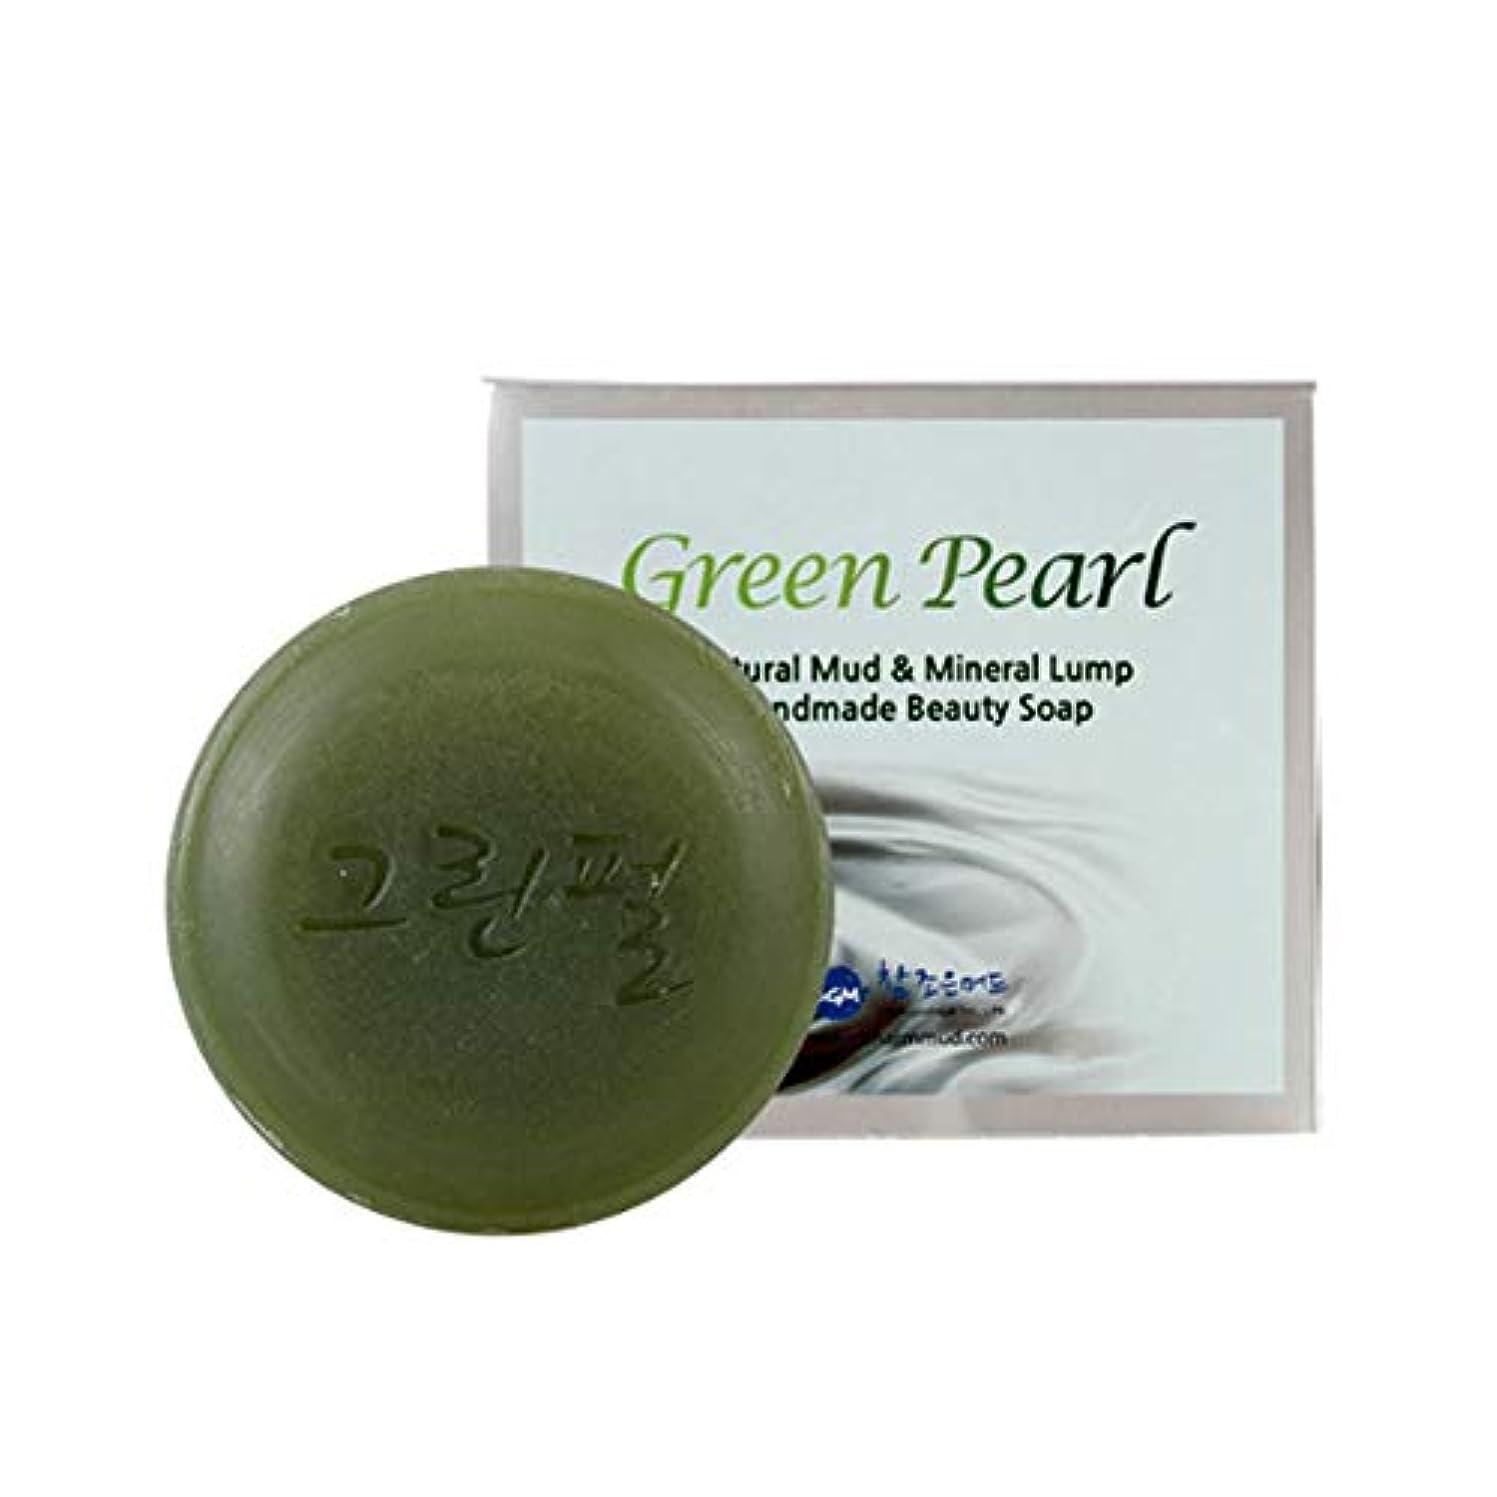 ステップ株式聴覚[Charmmud] グリーンパール せっけん スキンケア ミネラル 手作り美容 石鹸 [並行輸入品]